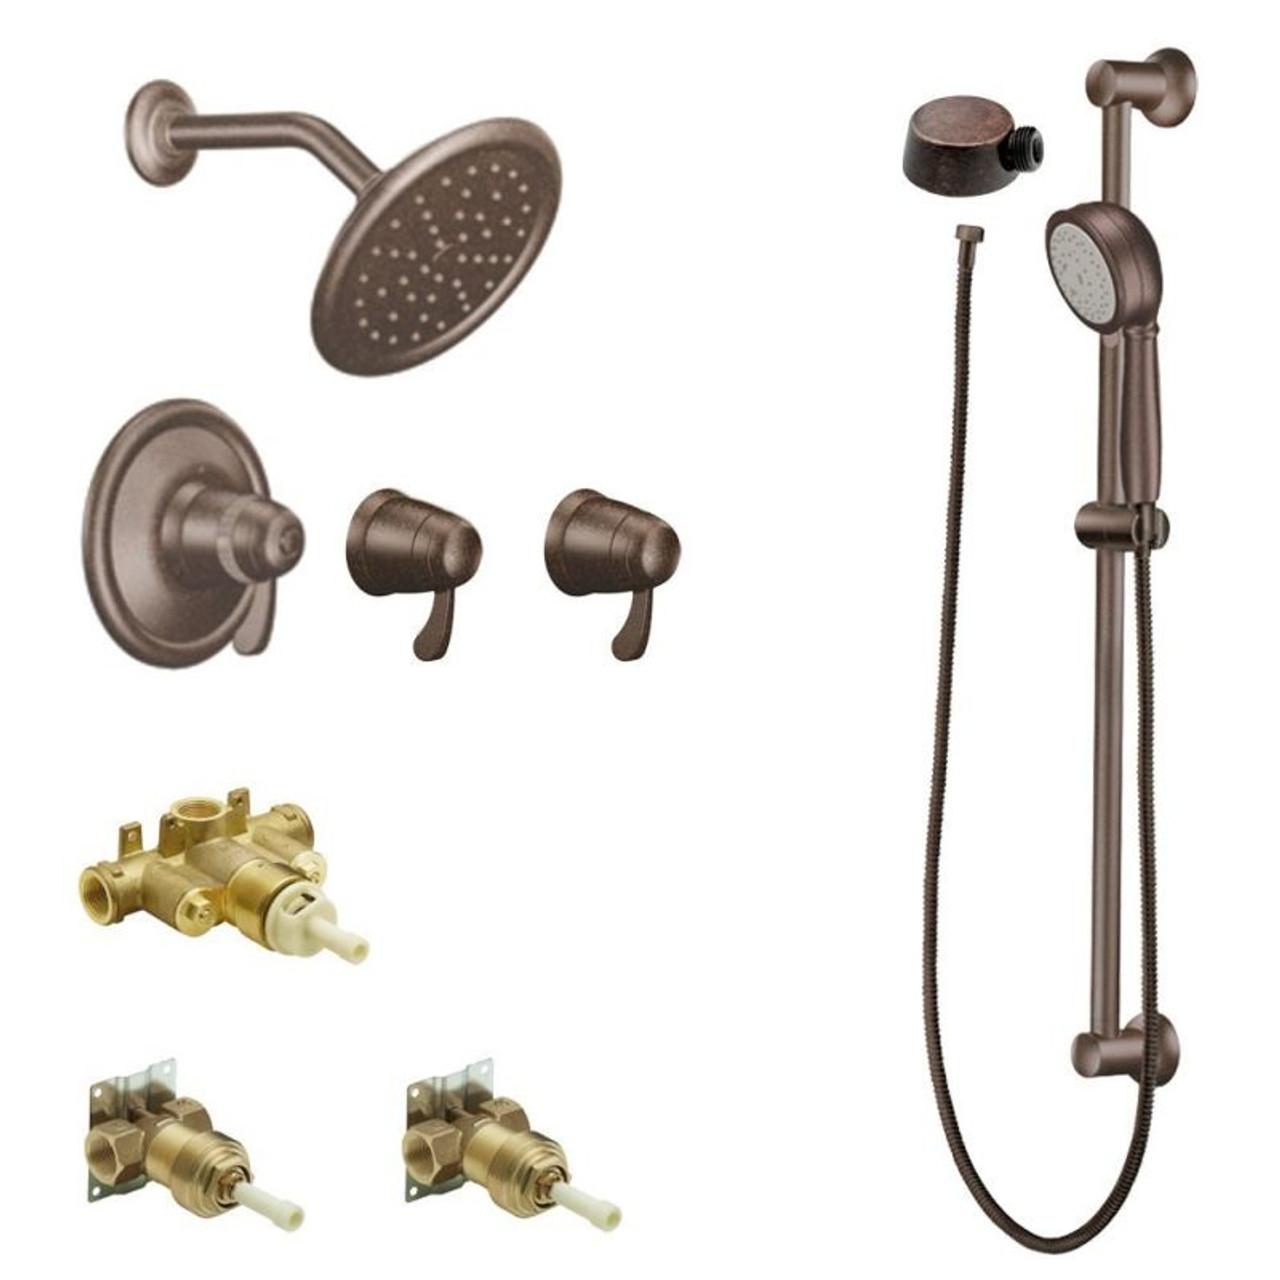 Moen Kspex H Ts270orb Exacttempa 7 In Rainshower Spa Kit With Handheld Shower And Slide Bar